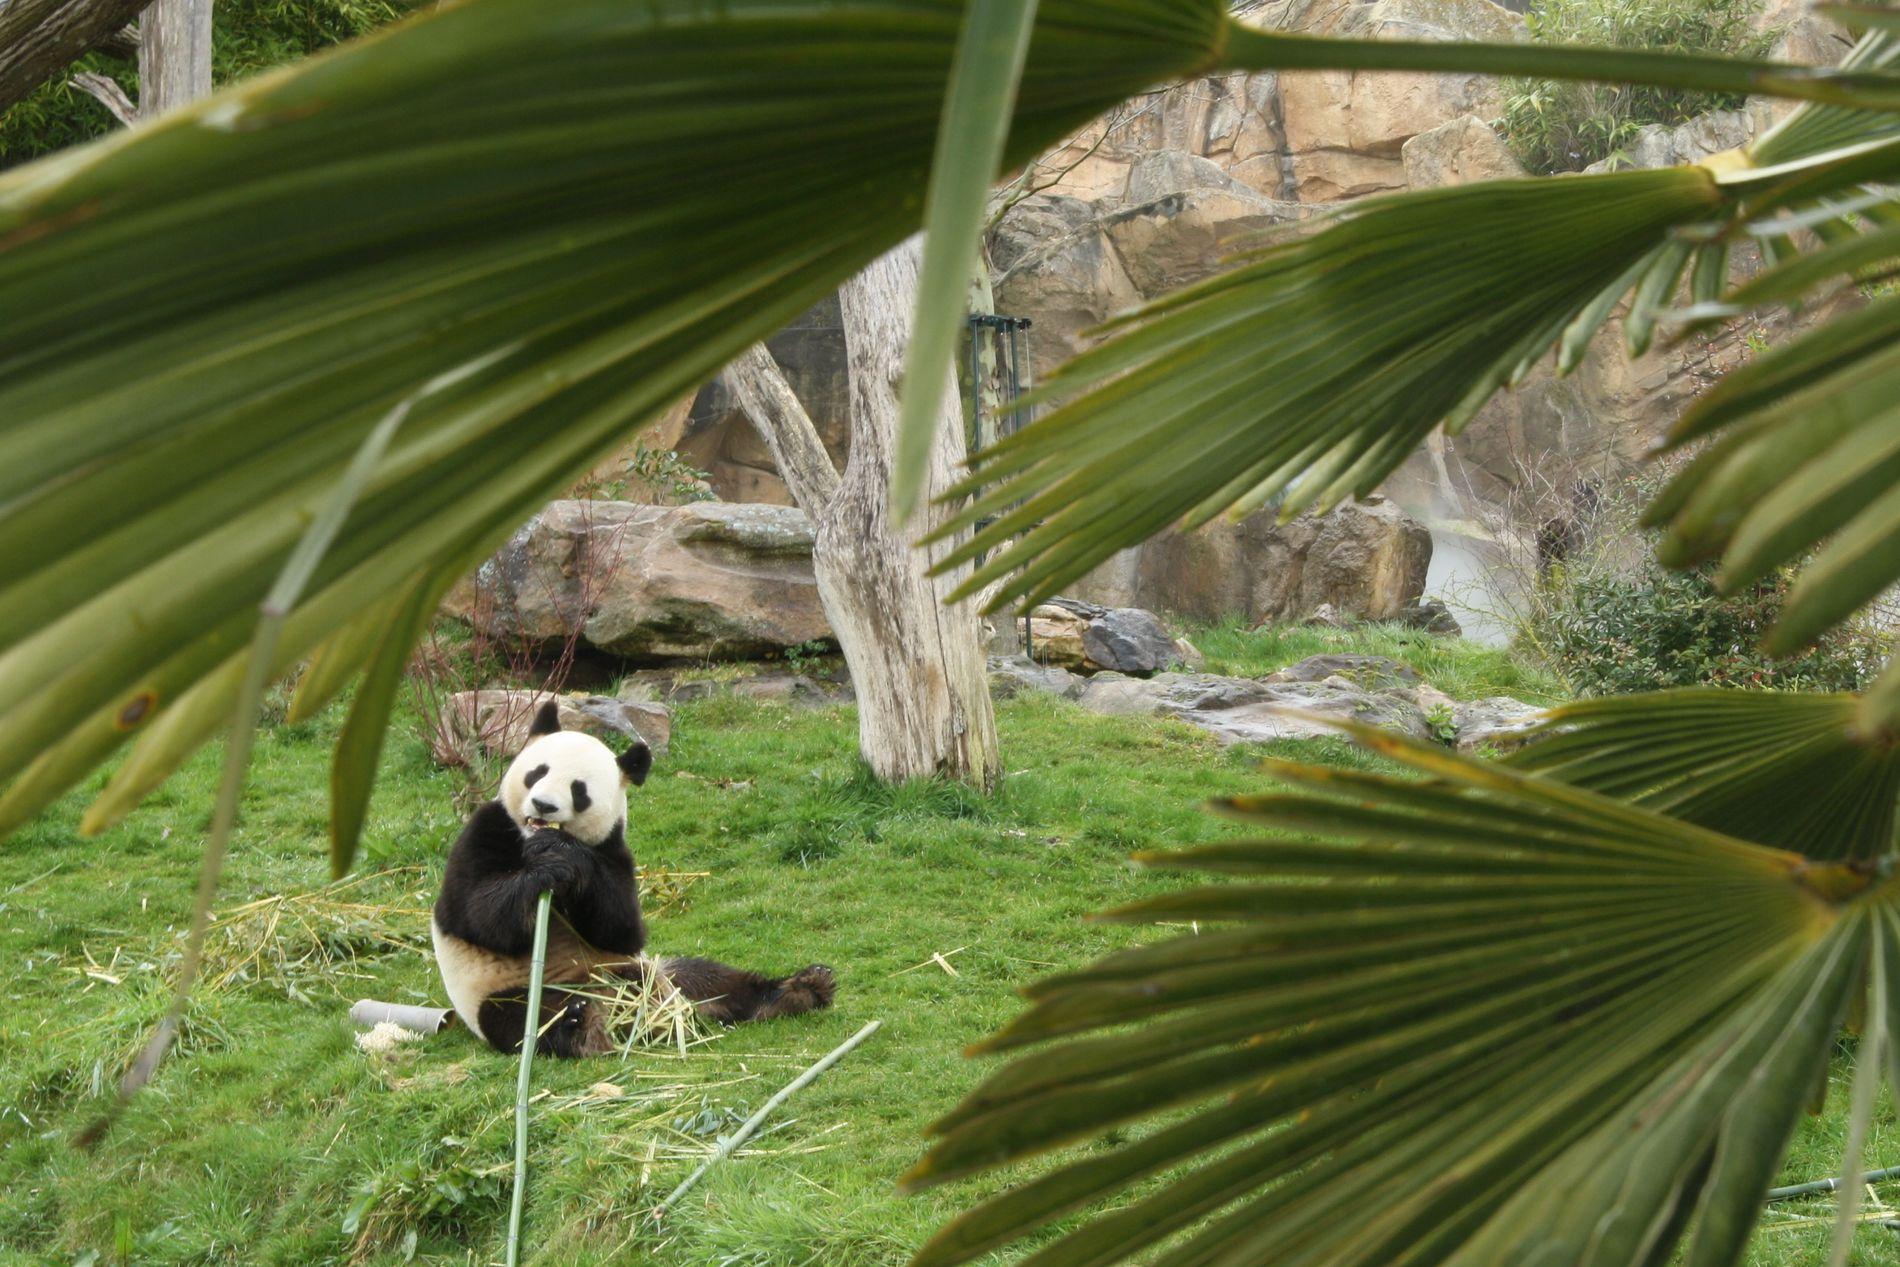 KINESISK EIENDOM: Pandaene forblir Kinas eiendom, selv om de bor i dyreparker i utlandet.